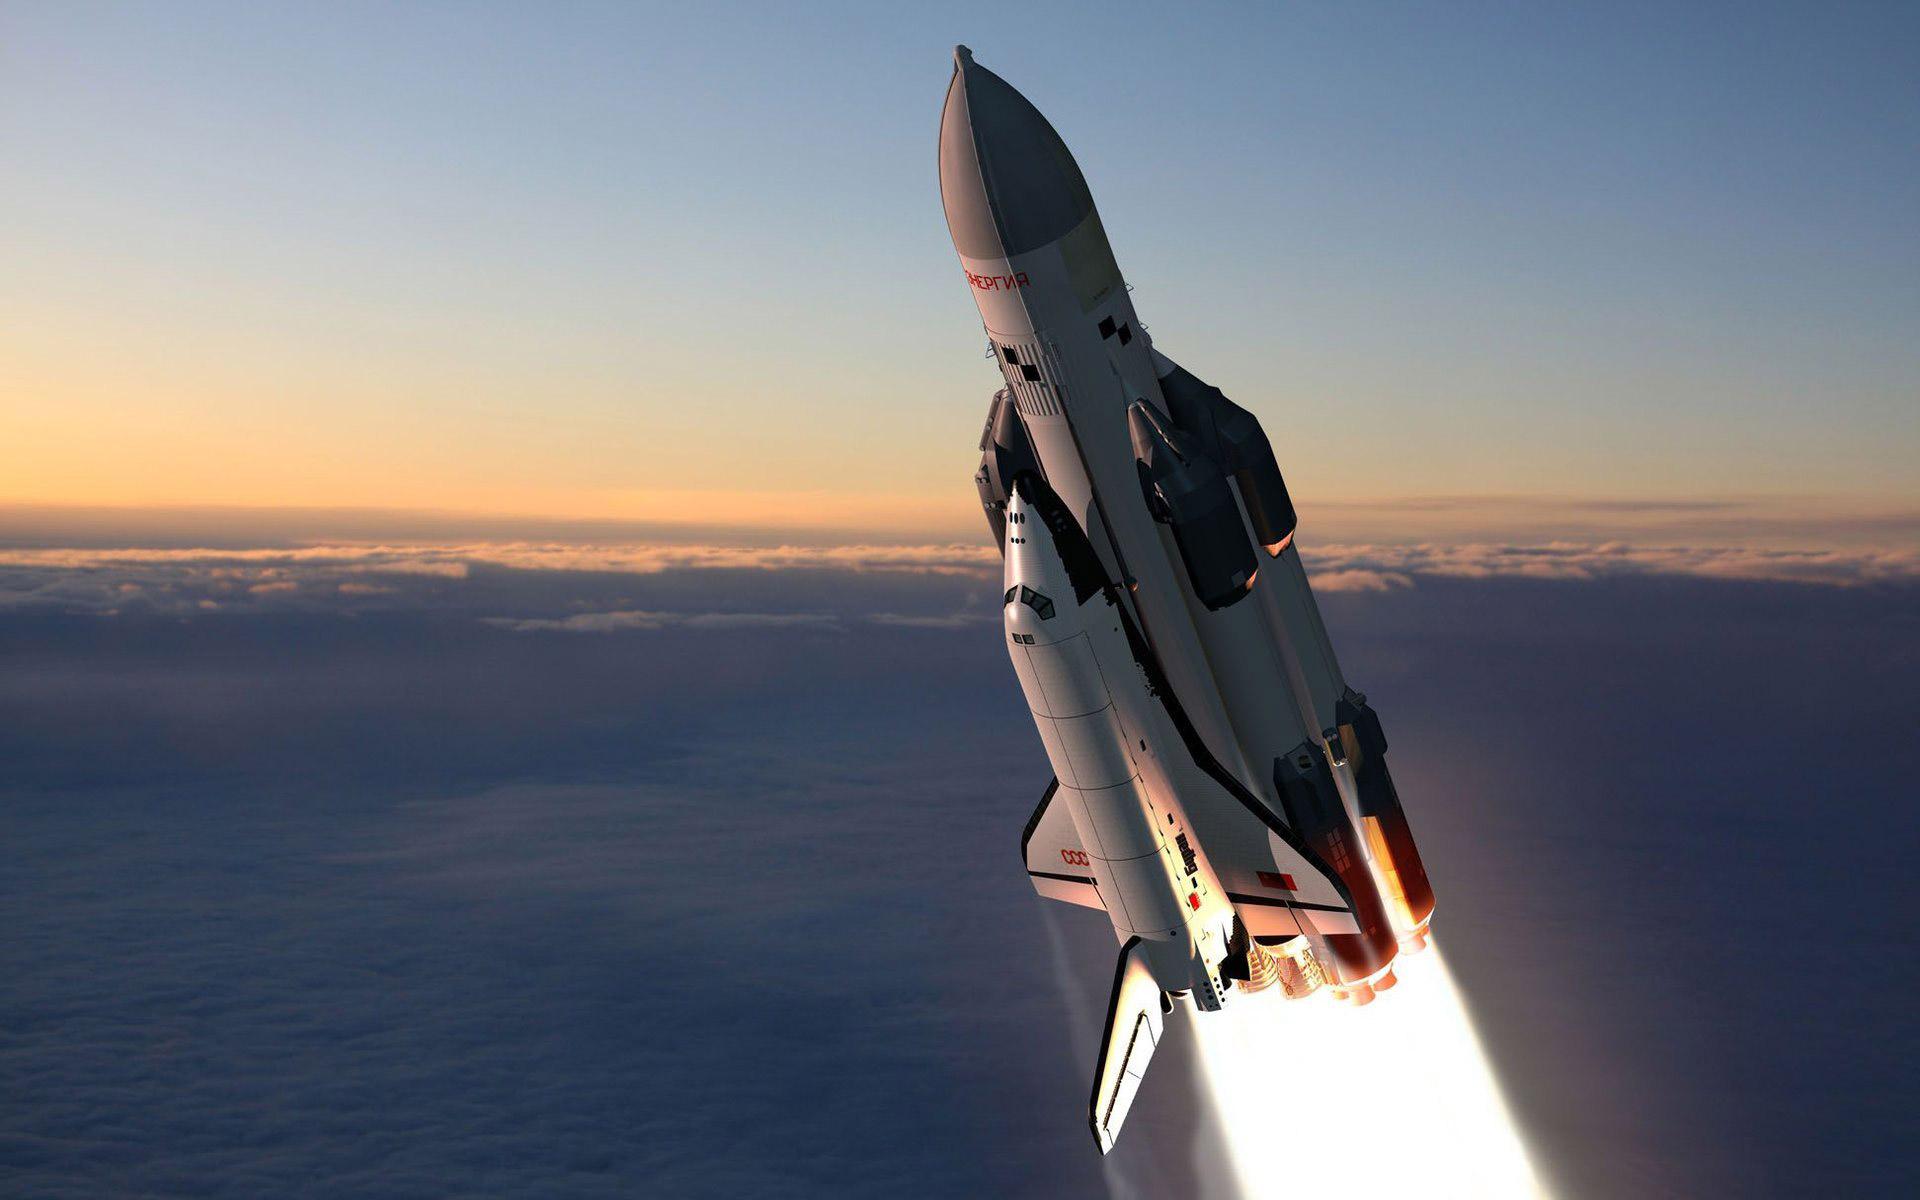 Space shuttle hd